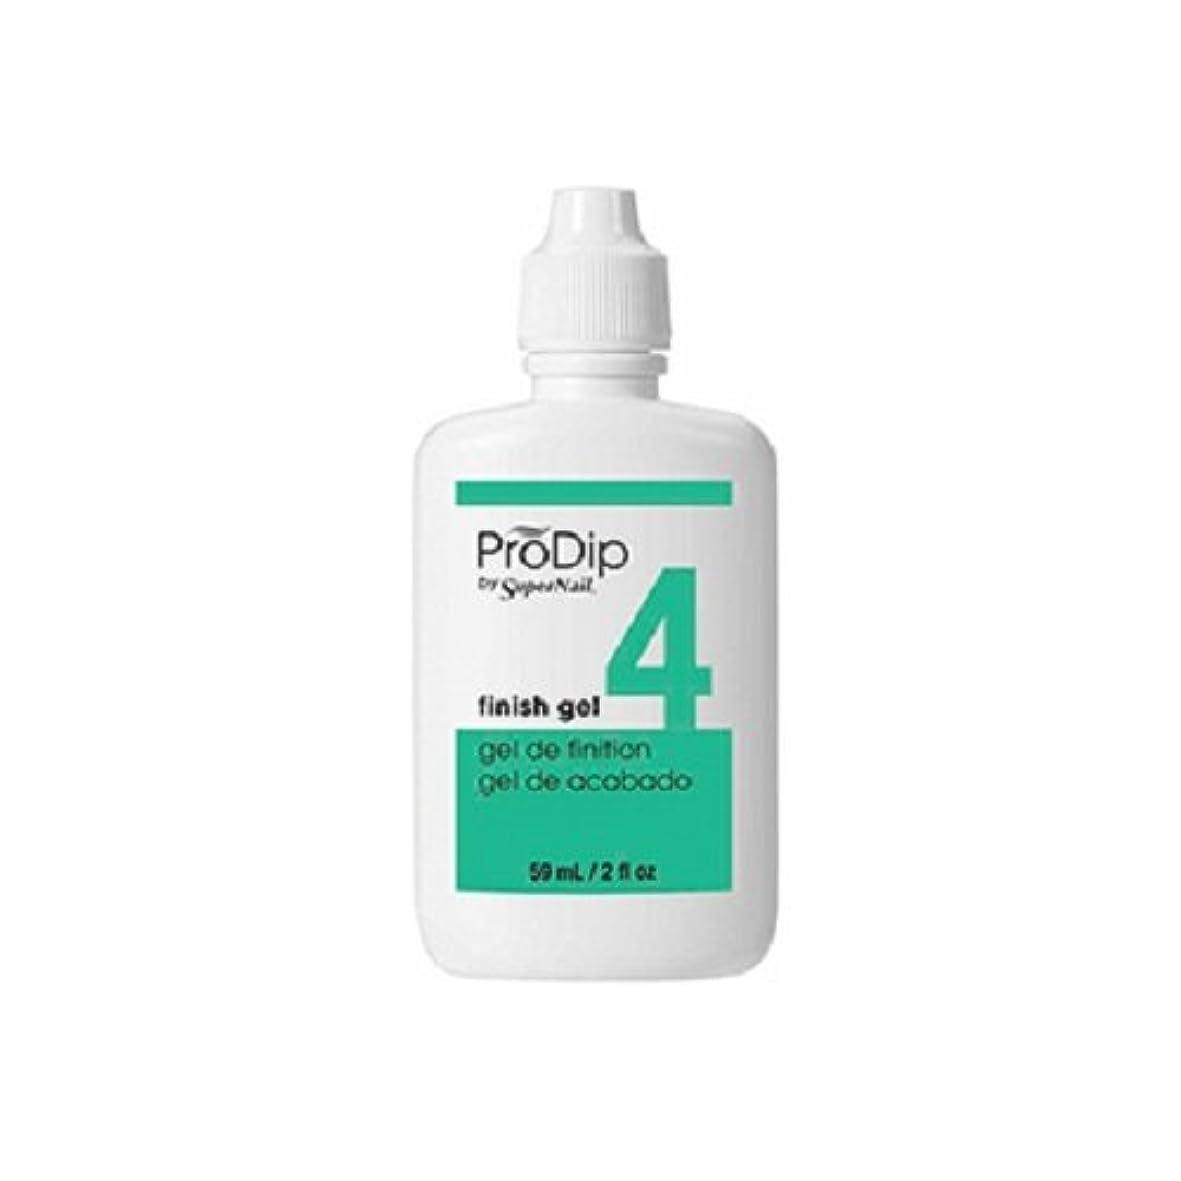 装置パーセント長くするSuperNail ProDip - Finish Gel - 59 ml/2 oz